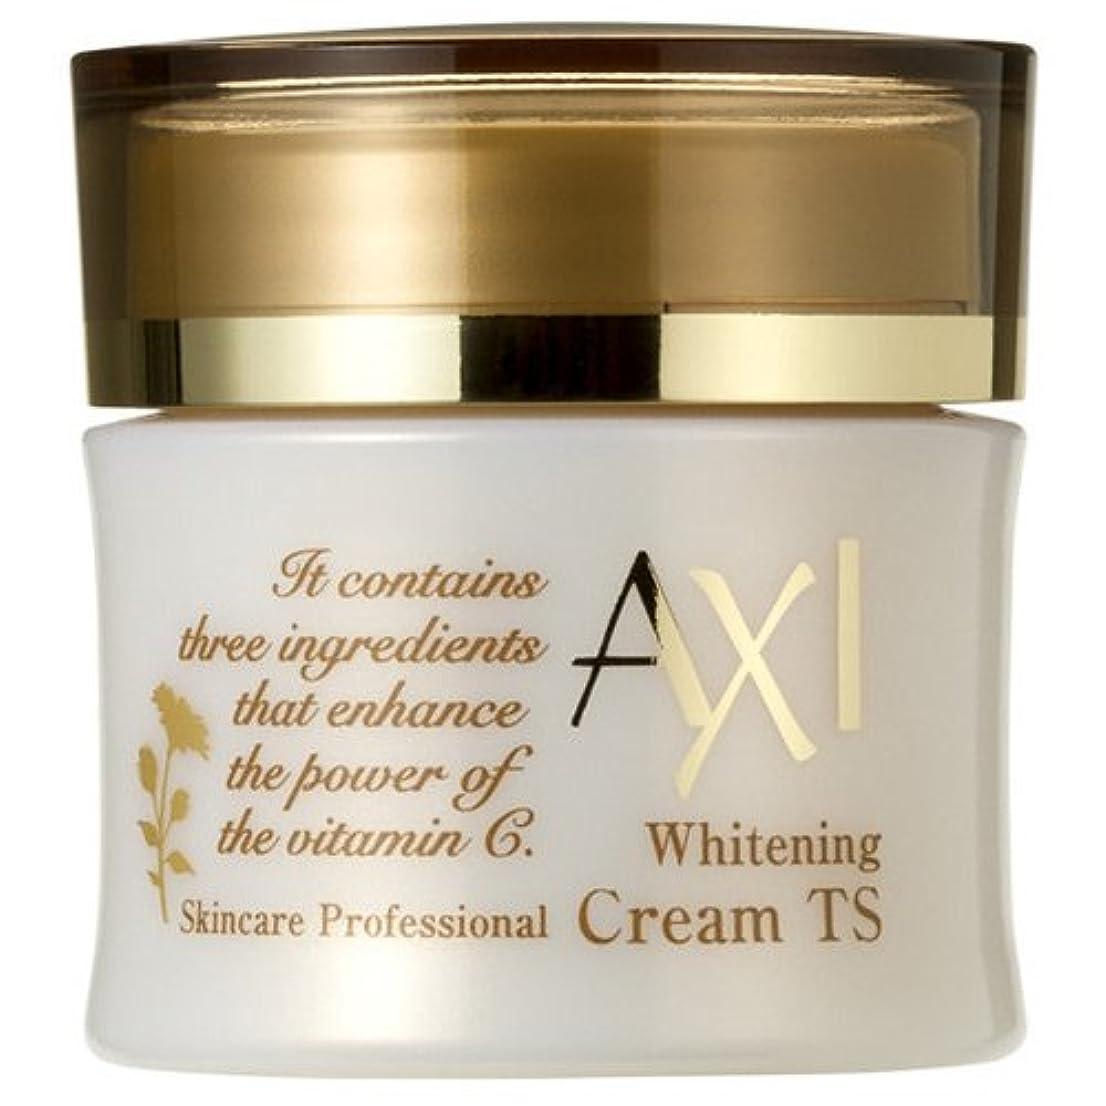 ジュニアアナロジー言及するクオレ AXI ホワイトニング クリーム TS 35g 医薬部外品